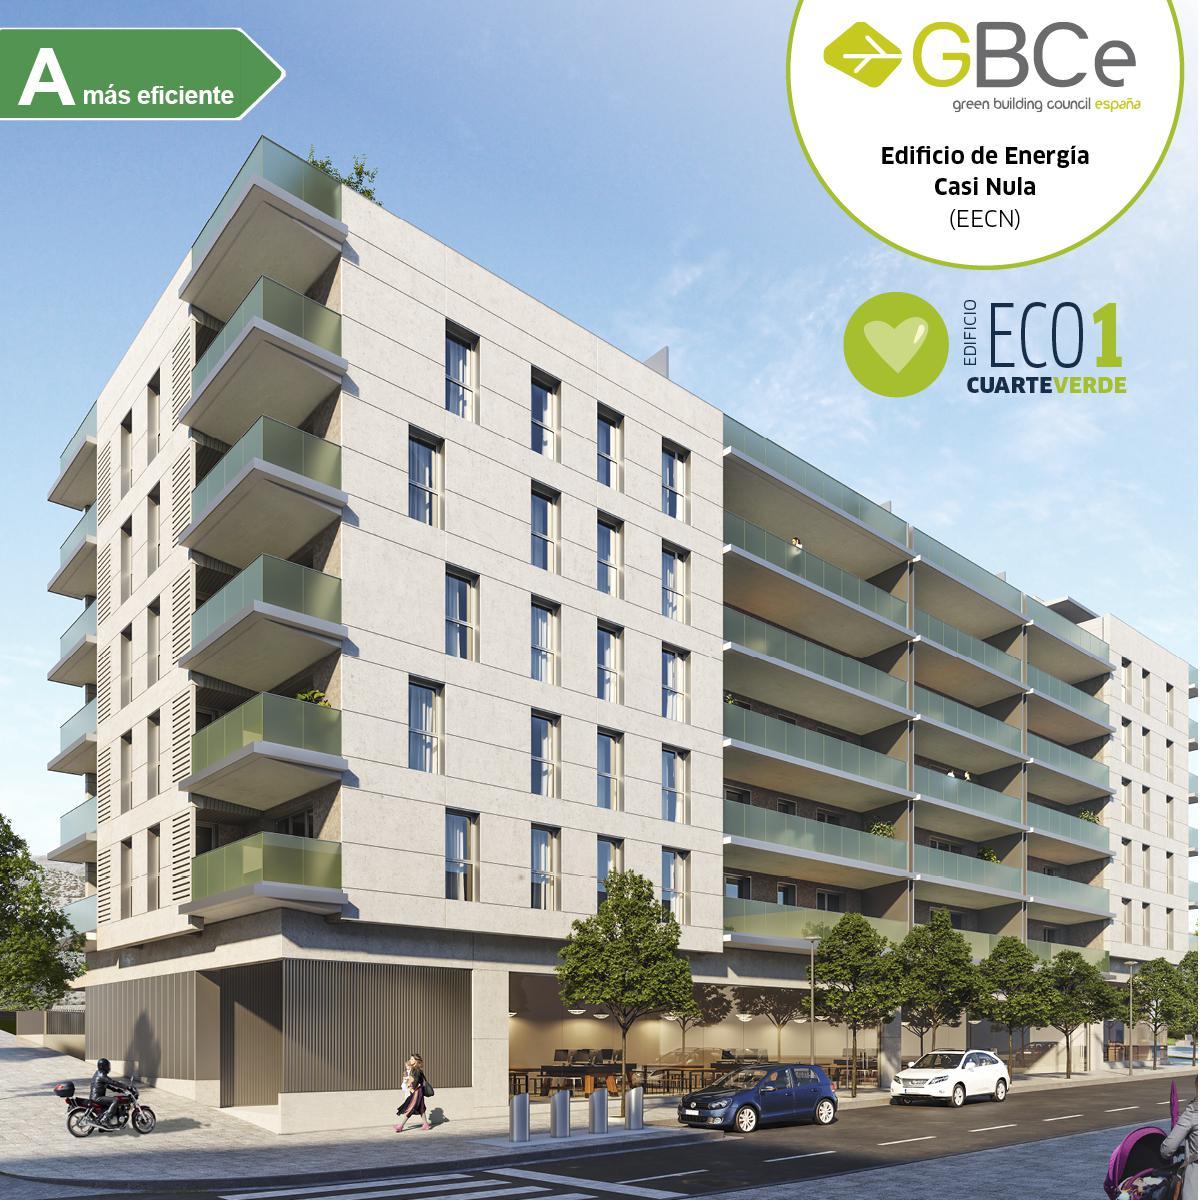 Venta de Casas y Pisos en ZARAGOZA - donpiso inmobiliaria (pag. 6 de 12)